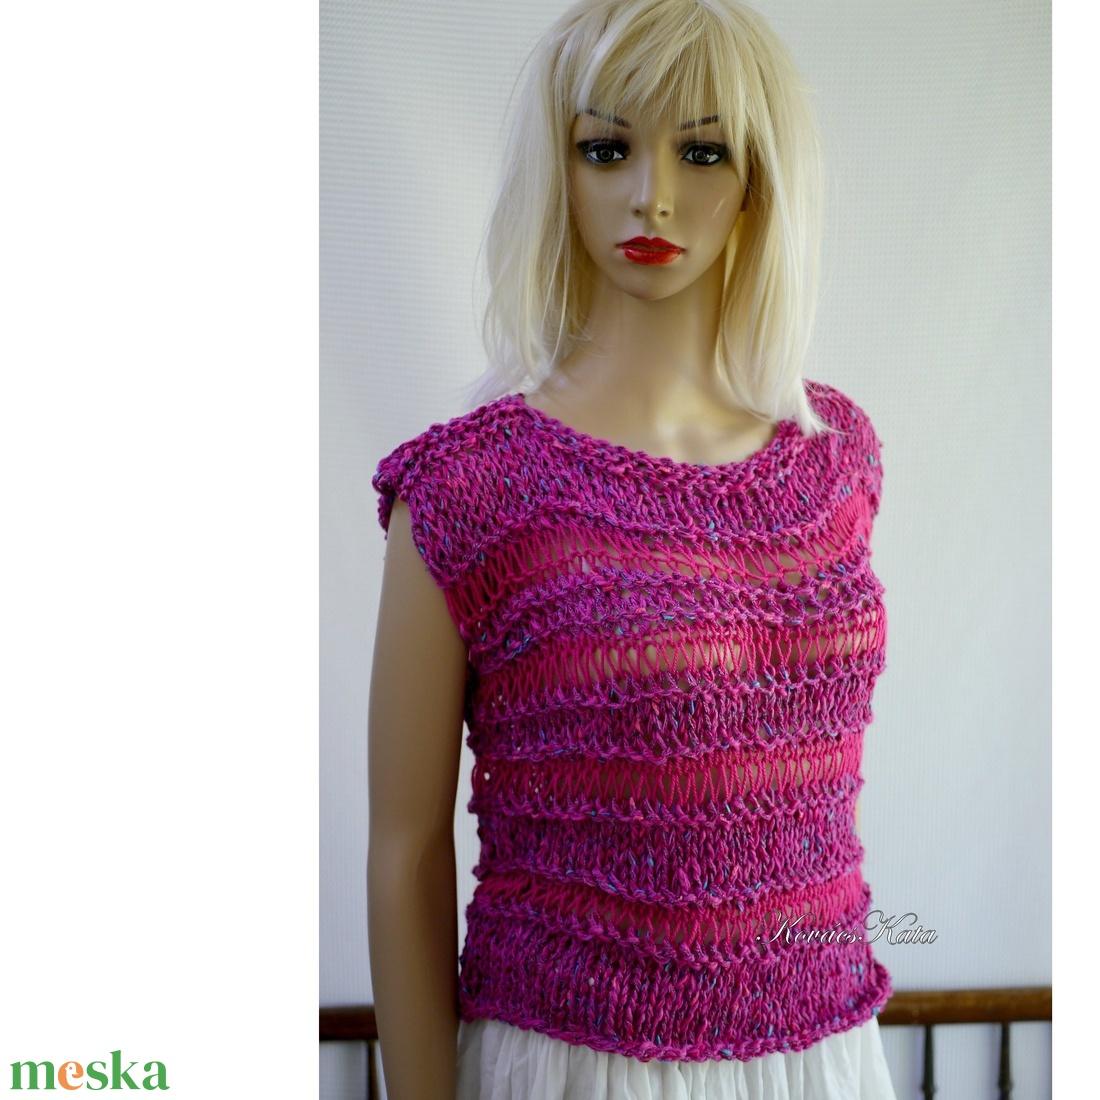 MAKRA PULCSI - kézzel kötött nyári pamut pulóver / cherry - ruha & divat - női ruha - pulóver & kardigán - Meska.hu